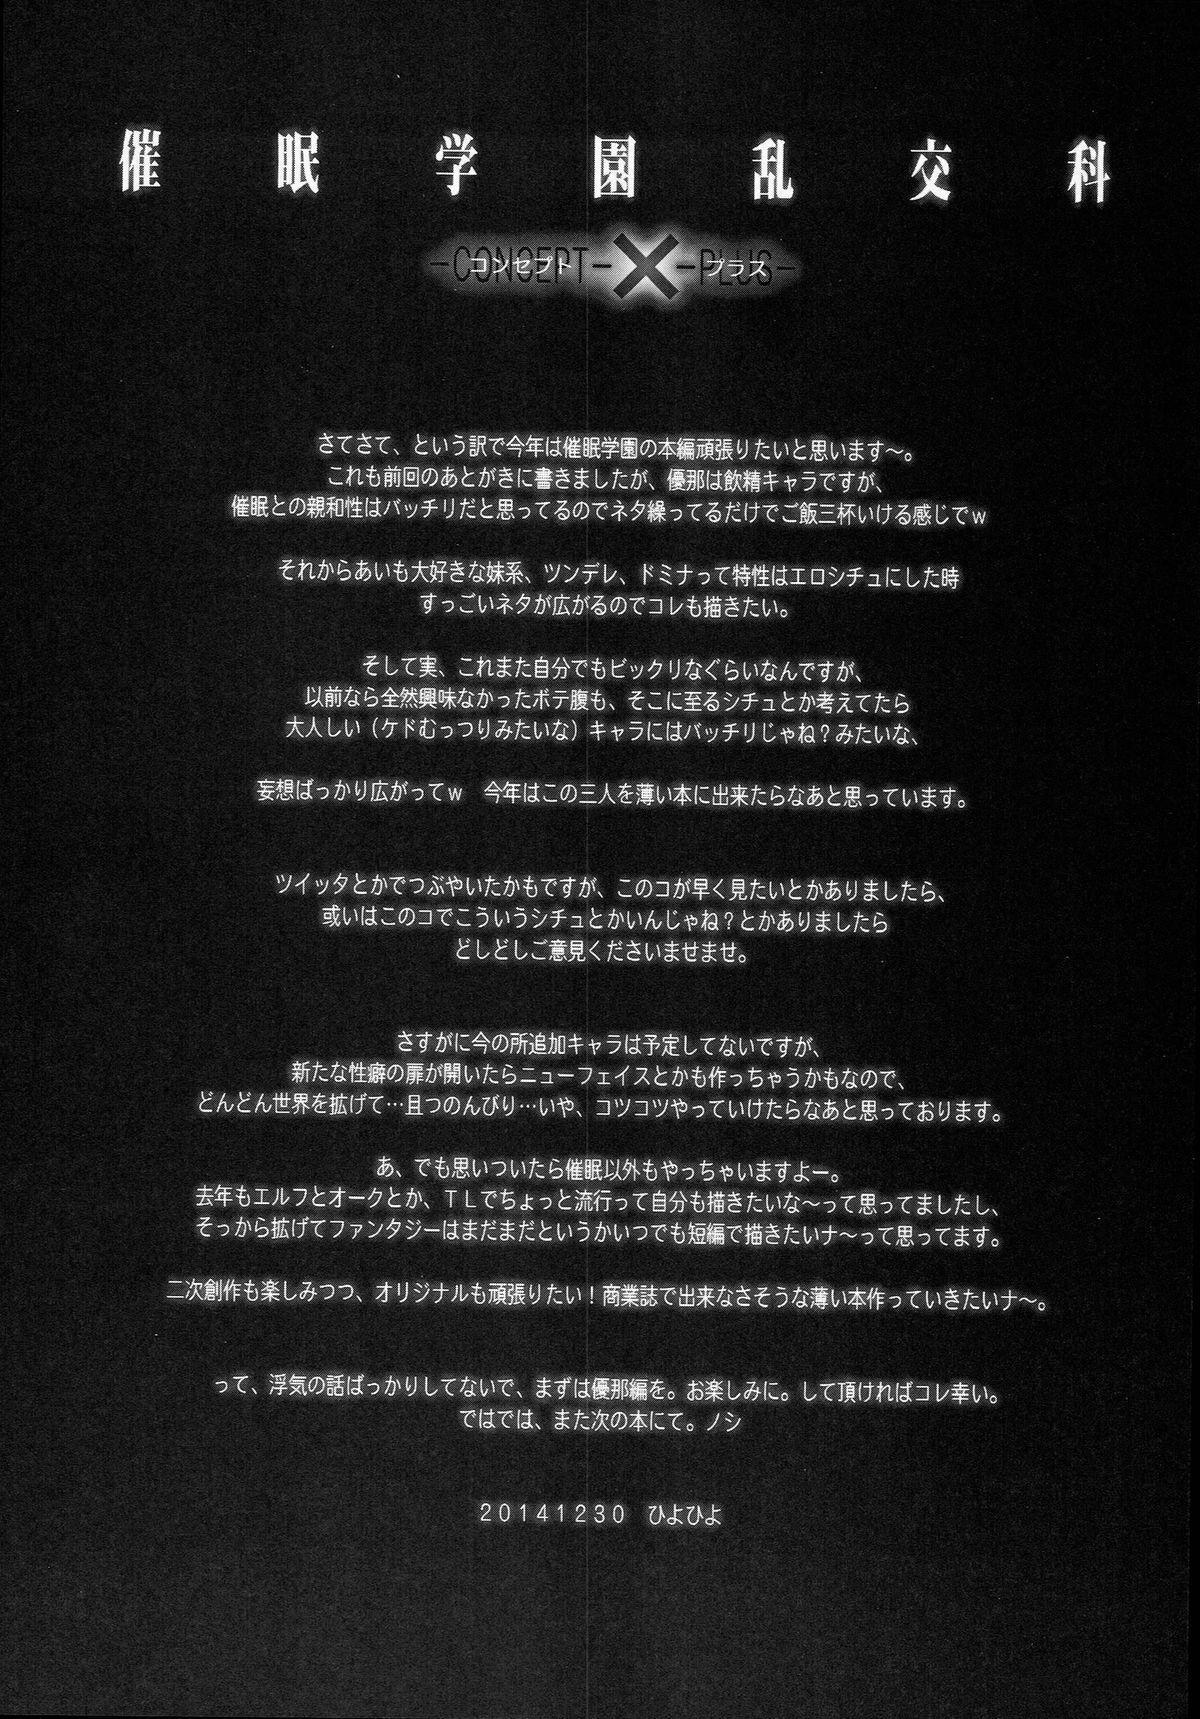 (CT25) [Kashiwa-ya (Hiyo Hiyo)] Saimin Gakuen Rankou-Ka -CONCEPT-×-PLUS- 2